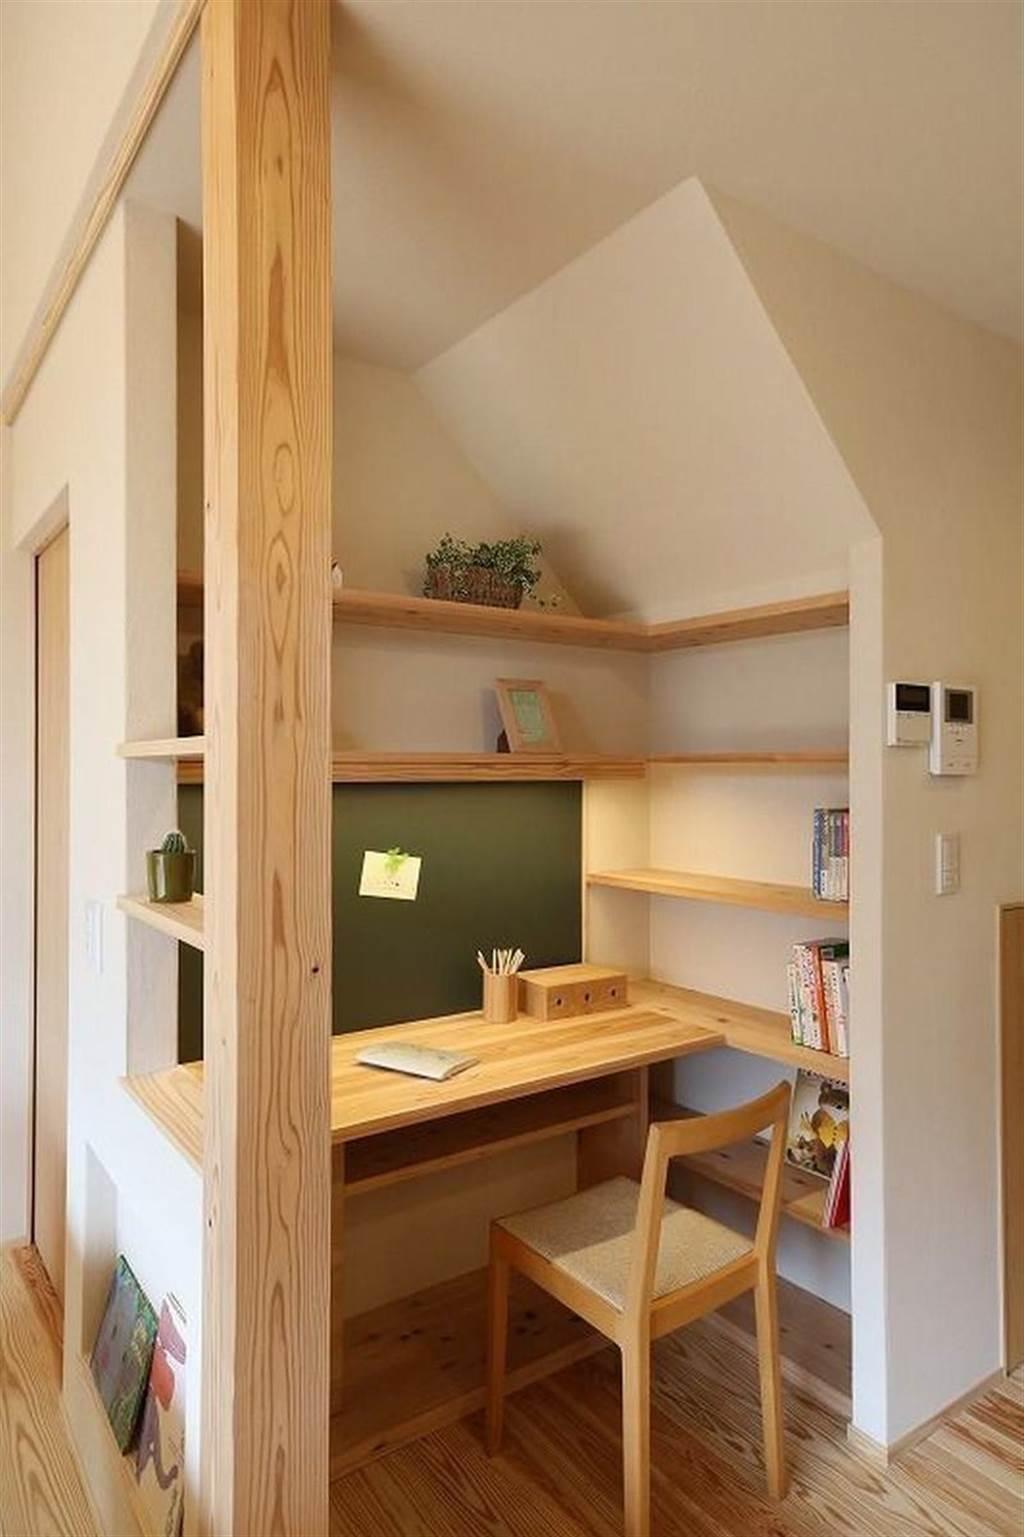 圖片提供/苑茂室內設計工作室